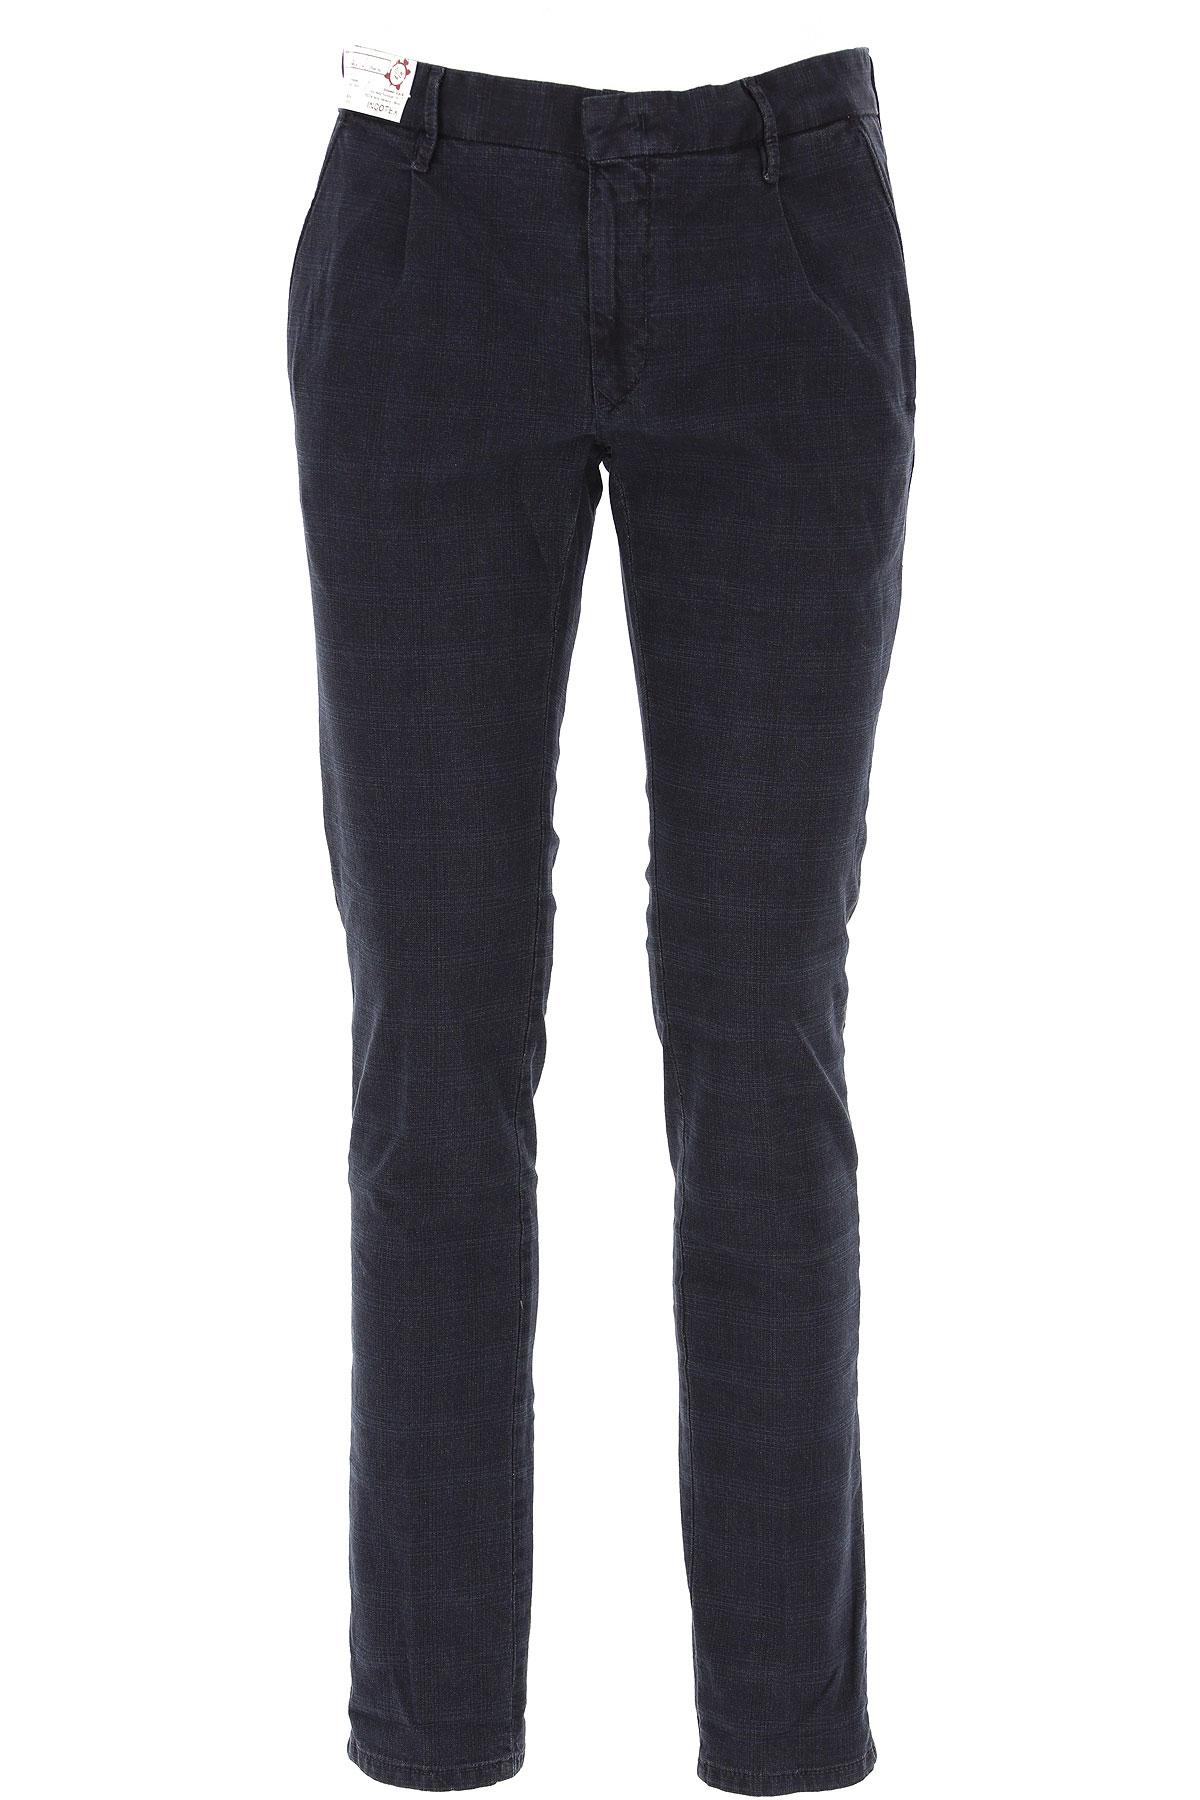 Incotex Pants for Men On Sale, Navy Blue, Cotton, 2019, 32 33 34 35 36